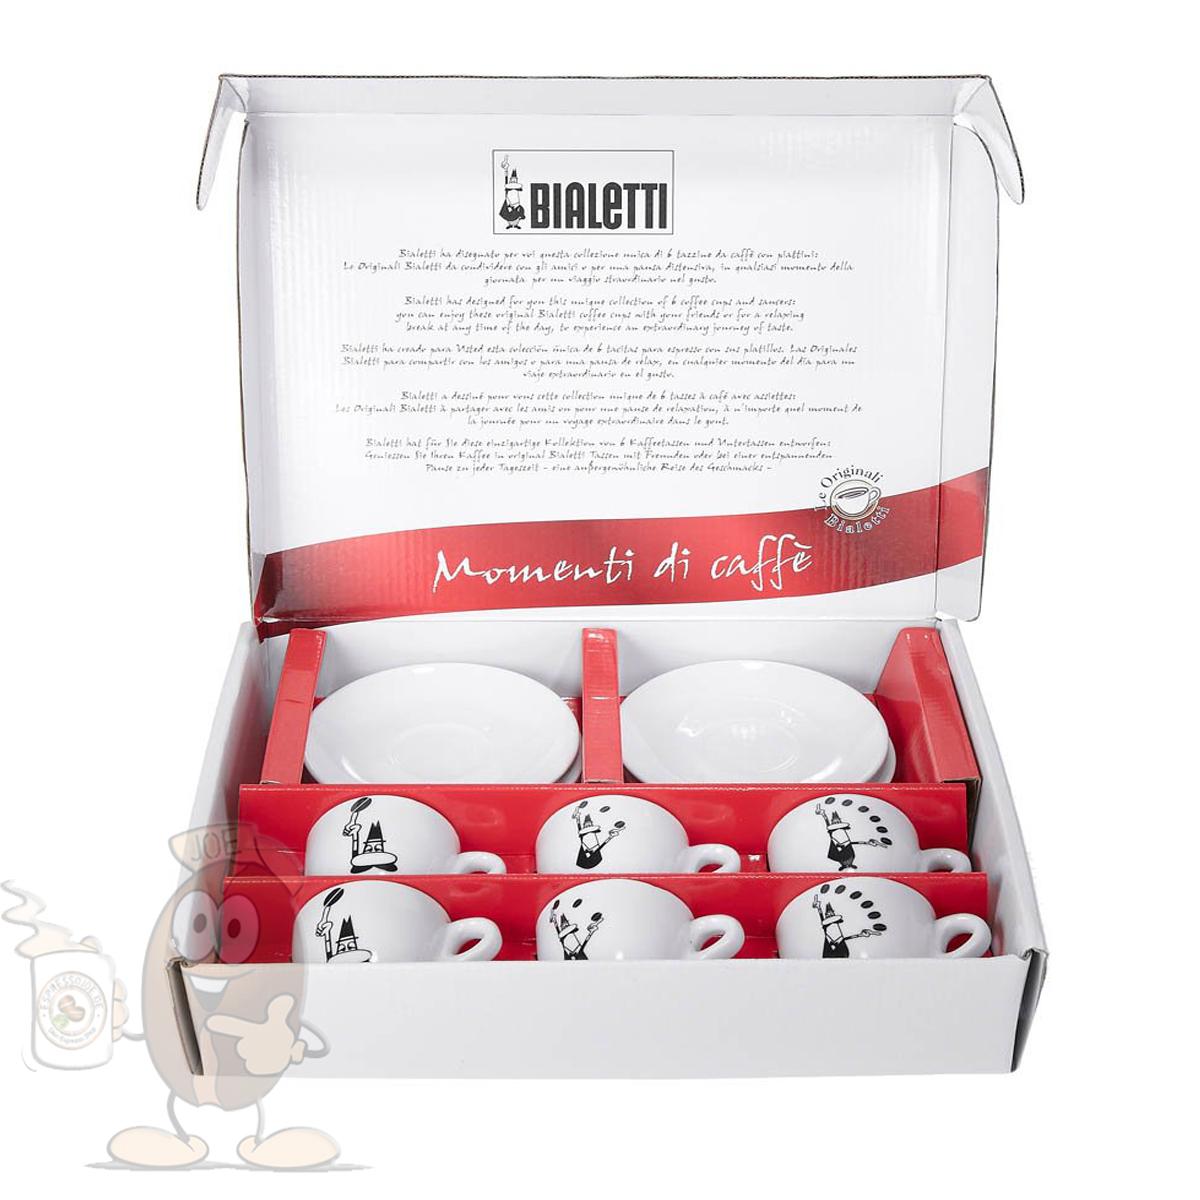 weil kaffee schmecken mu bialetti chicchi espresso tassen set mit 6 tassen mit. Black Bedroom Furniture Sets. Home Design Ideas